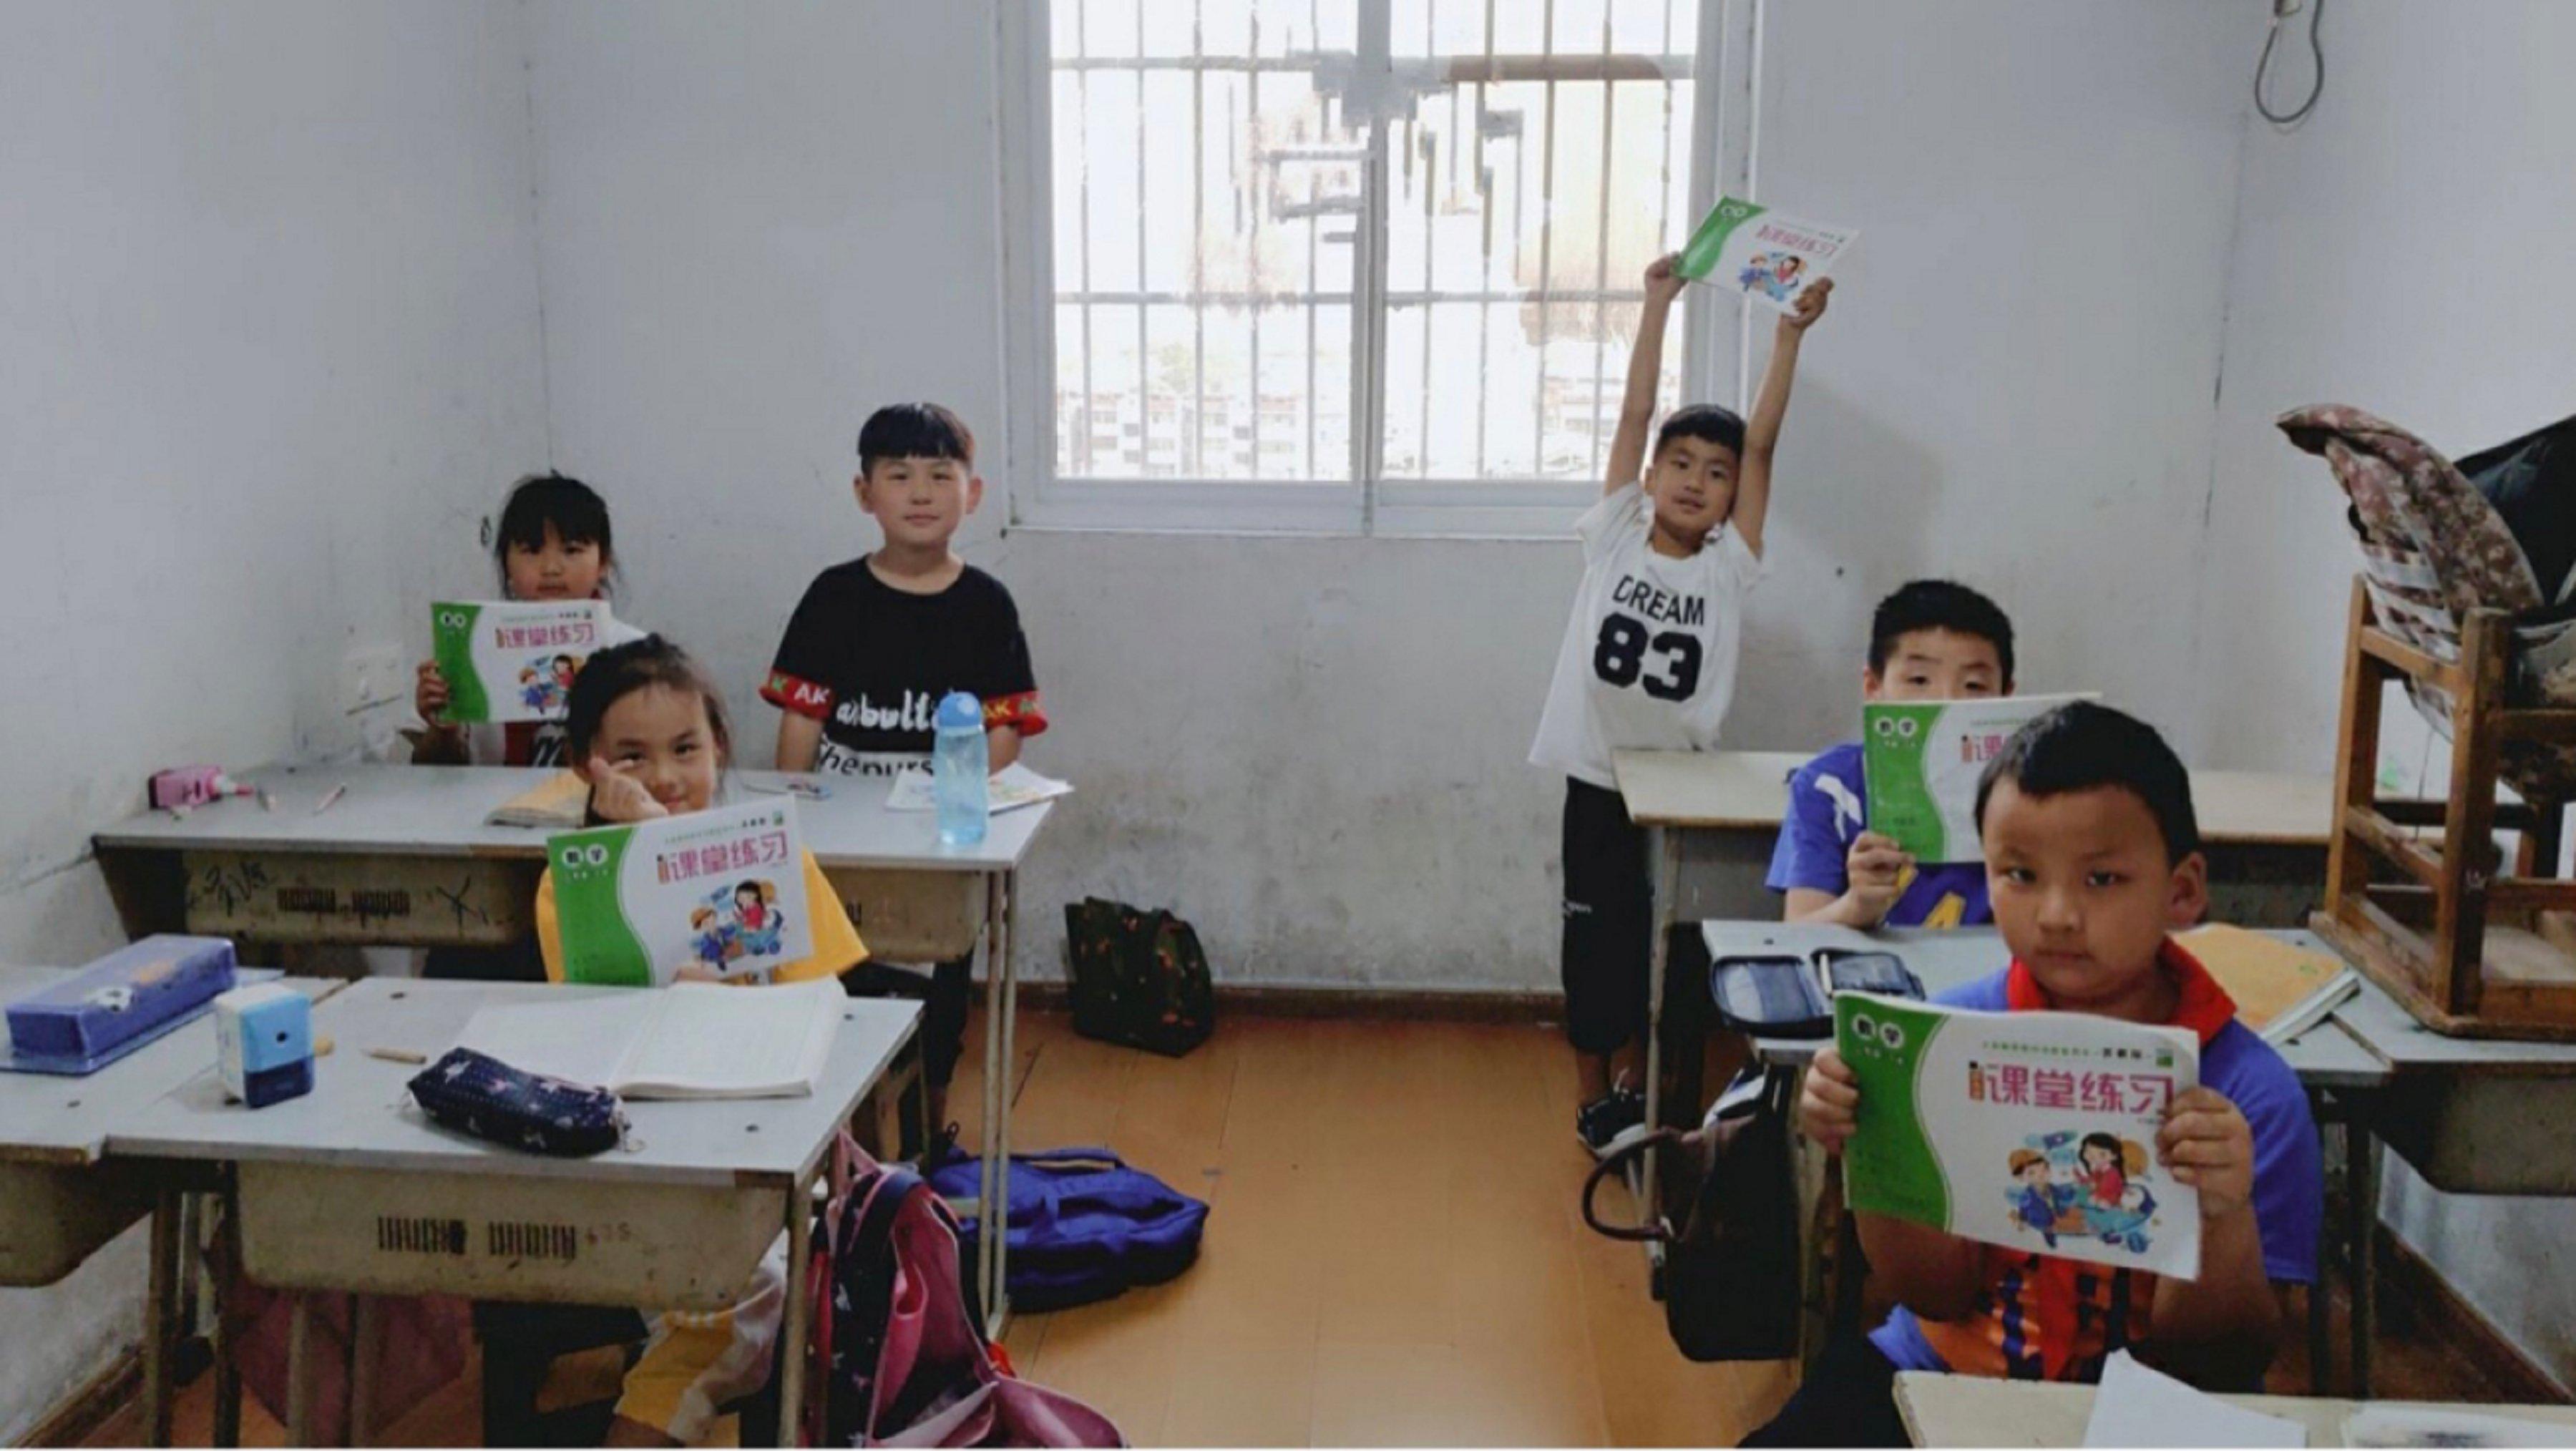 安徽学子三下乡:健康儿童心灵,色彩点亮人生